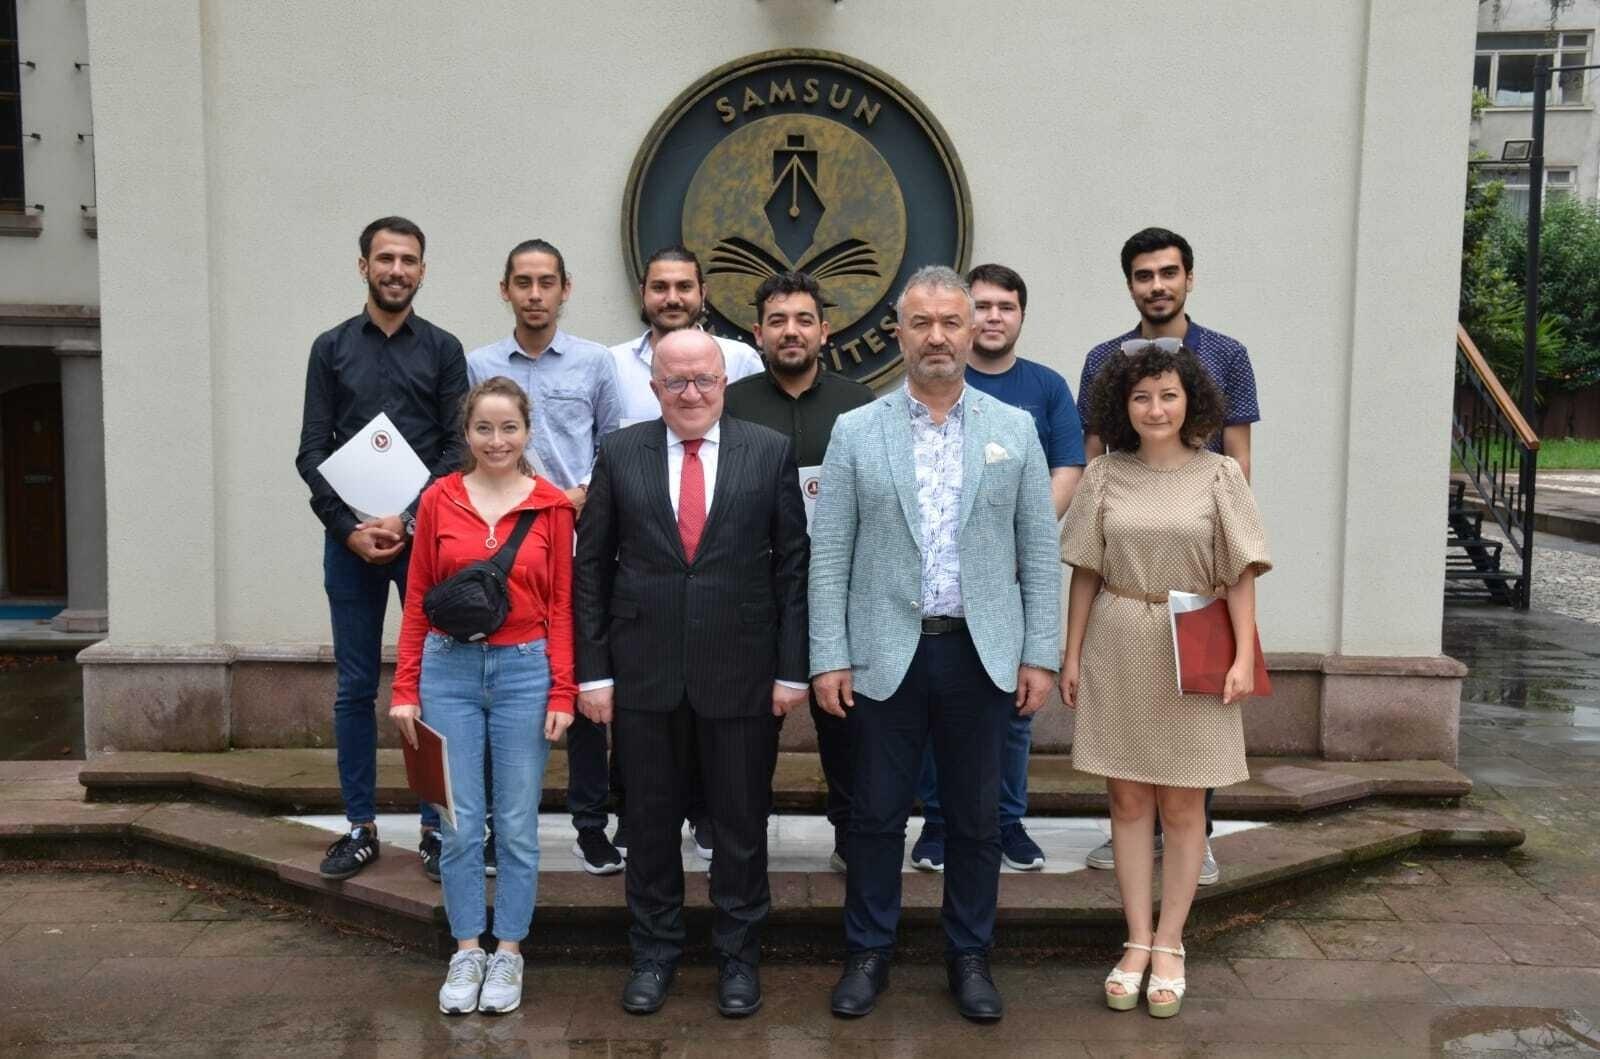 Samsun Üniversitesi Roket Takımı IREC2021'de ikinci oldu